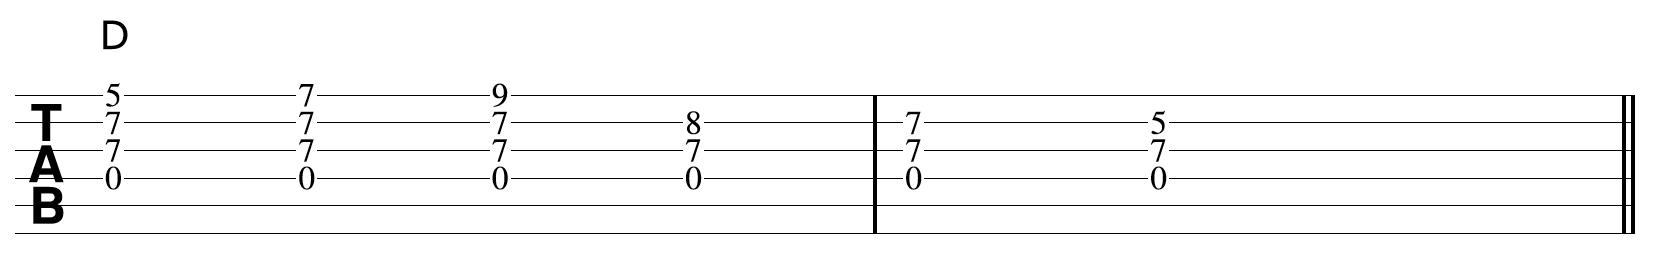 Creative Guitar Chord D Diatonic 2